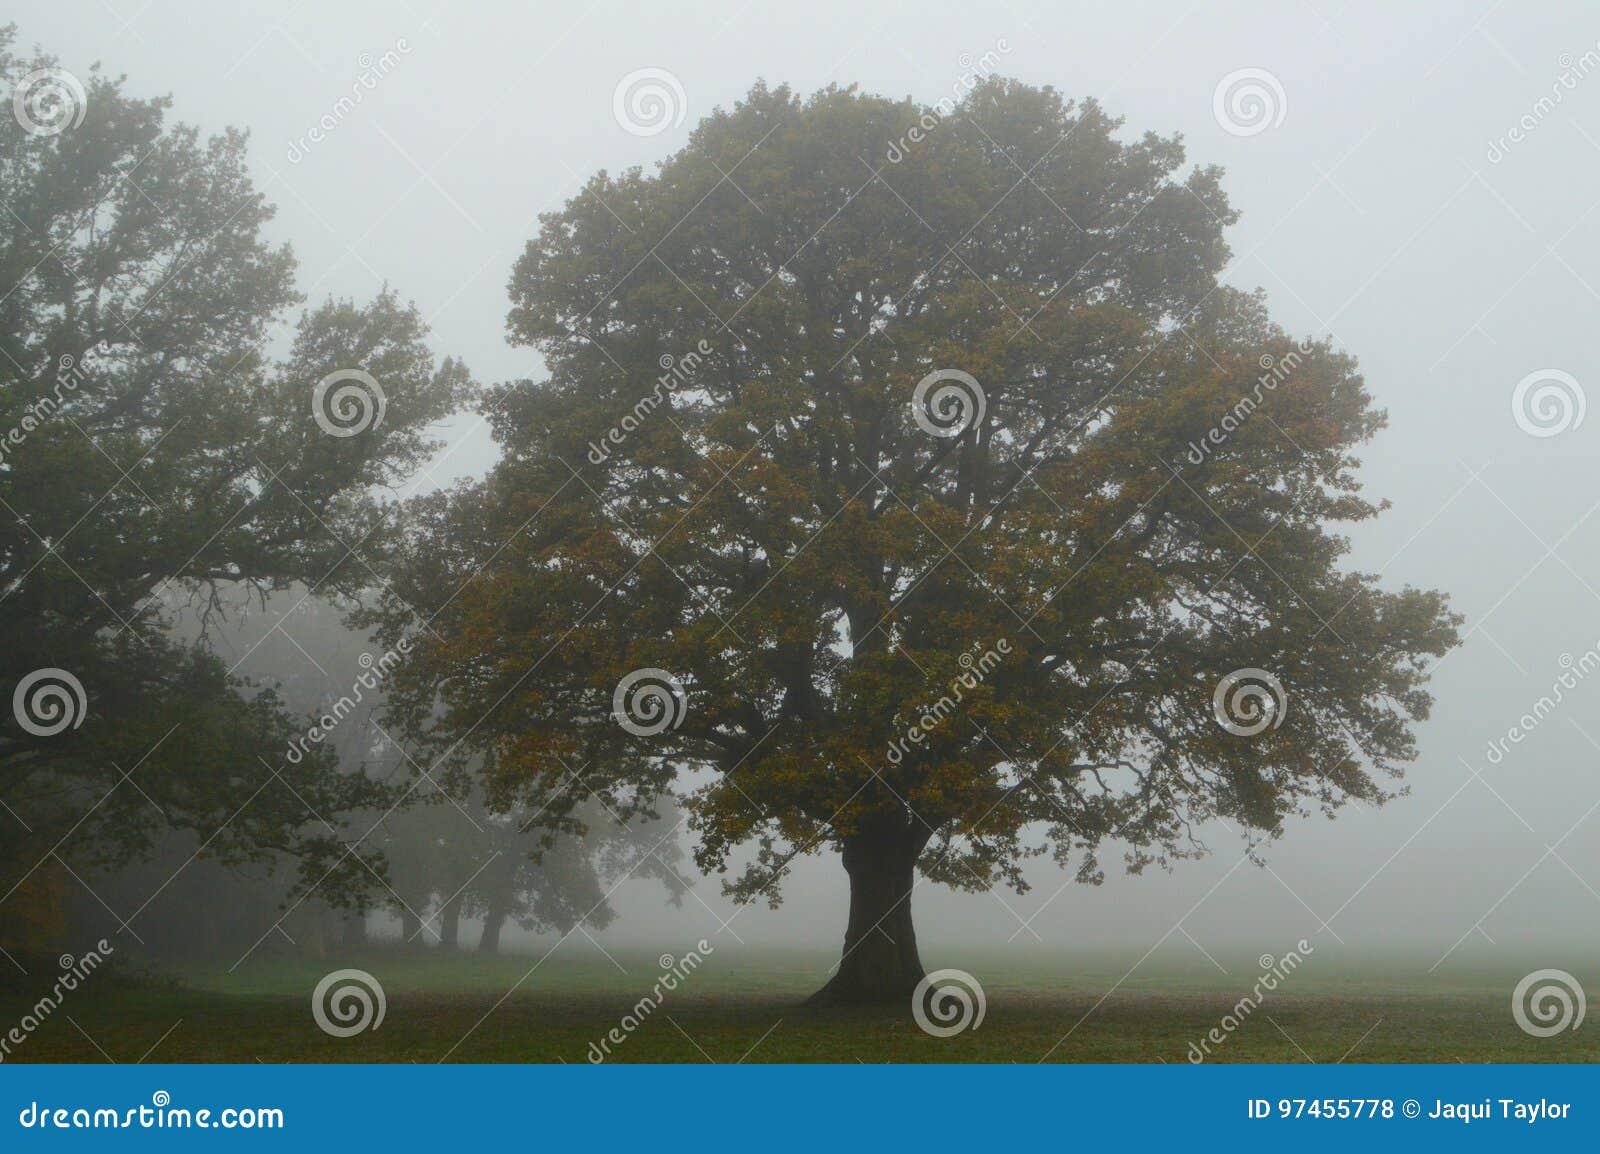 Misty autumn tree